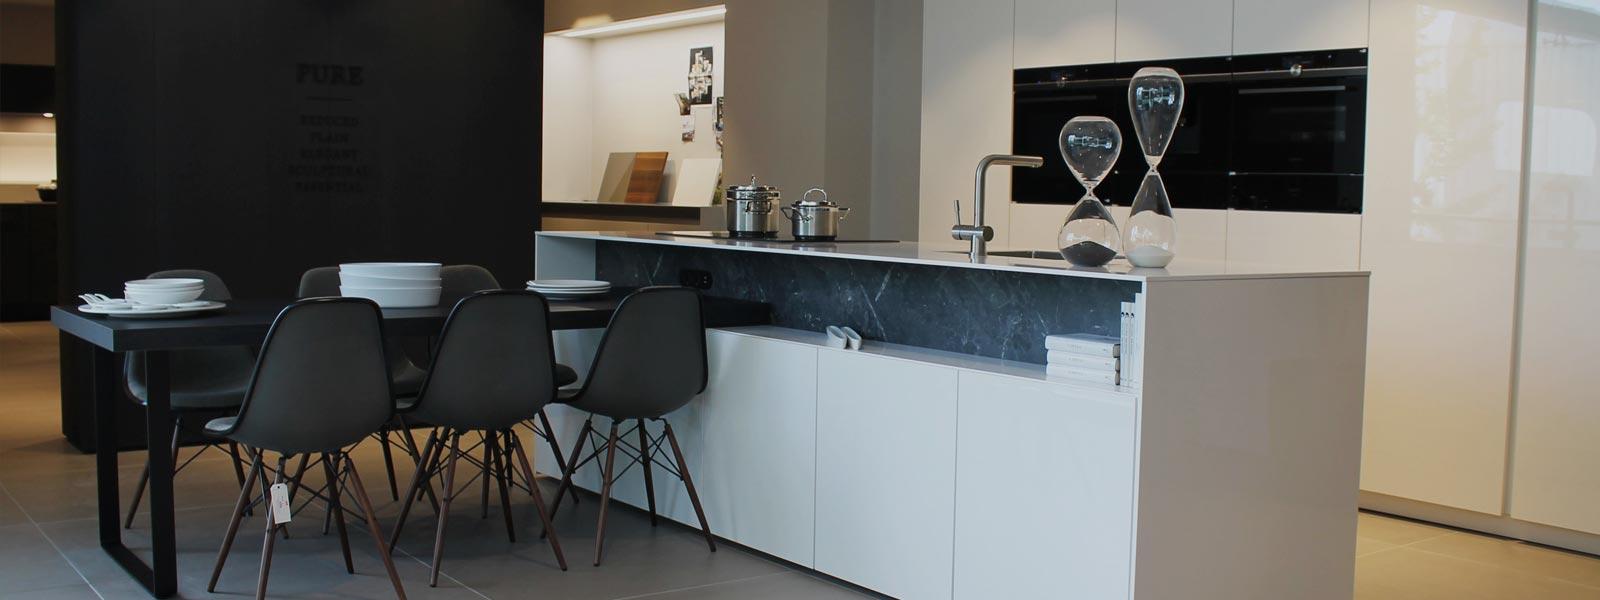 Wit keukenblok in de showroom van Keukenstudio van Vliet. Een zwarte tafel met zwarte stoelen die gedekt is met wit servies.